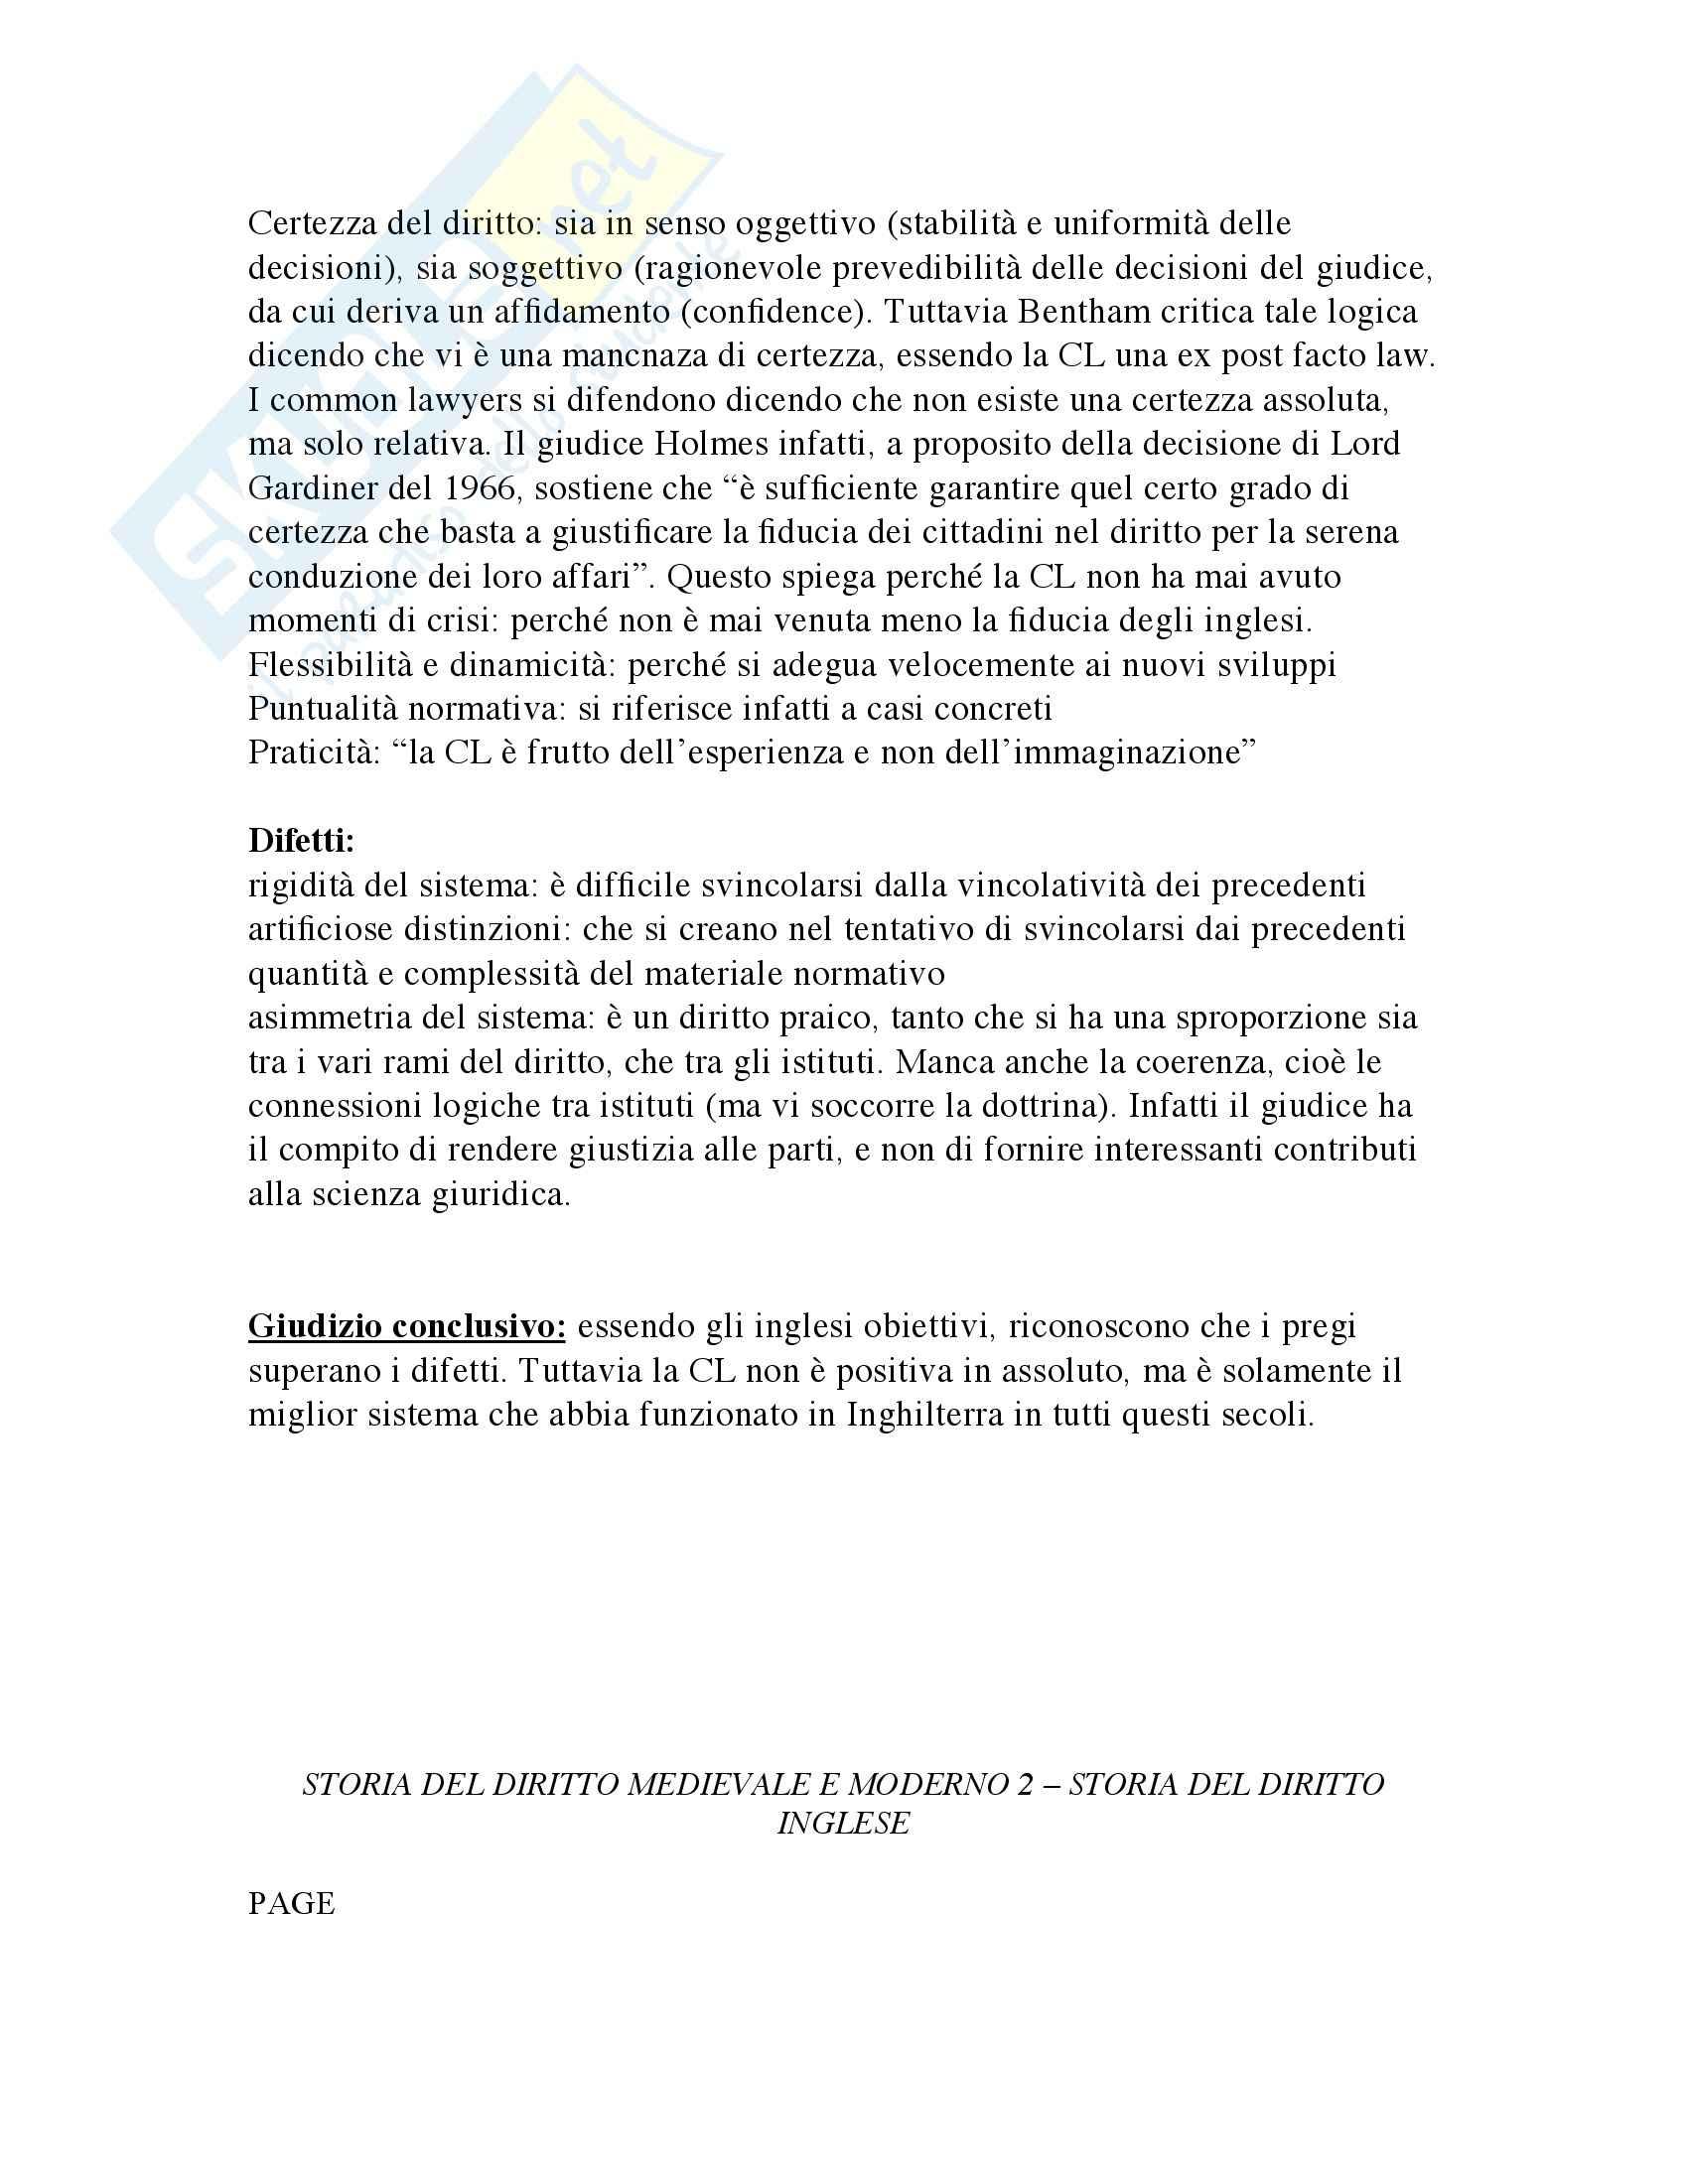 Storia del Diritto medievale e moderno Inglese Pag. 36